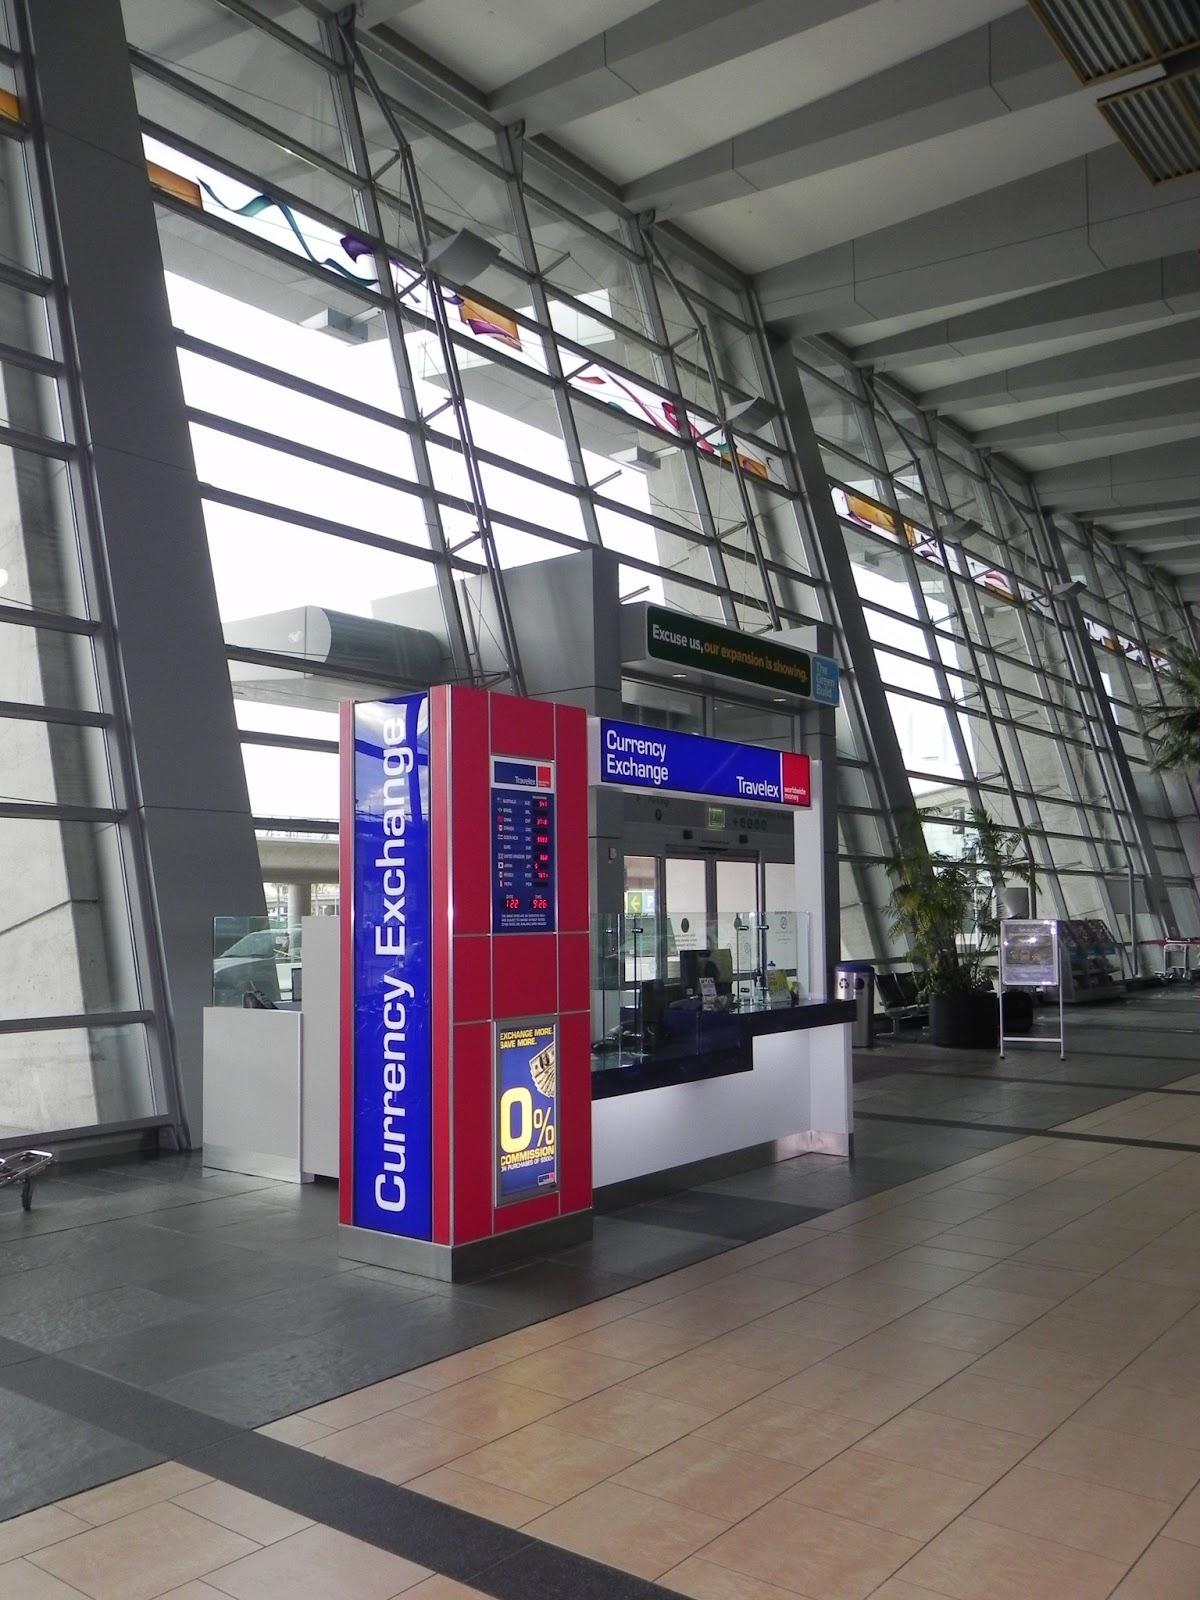 Travelex forex rates